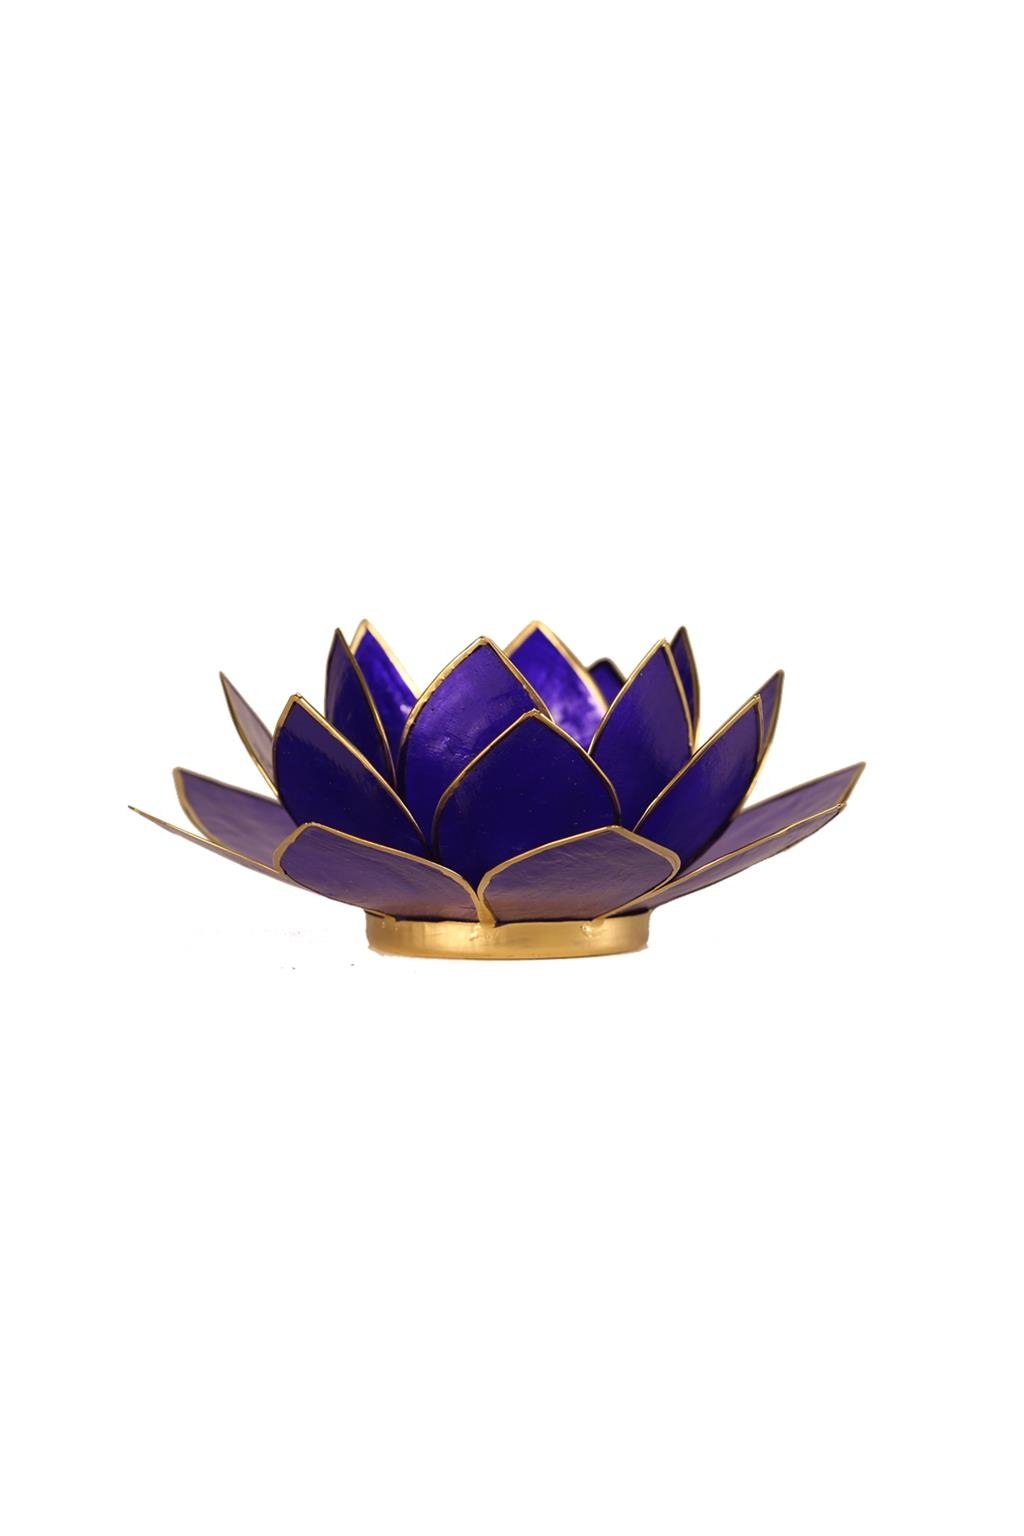 Lotosový svícen 6. čakra - zlatý okraj